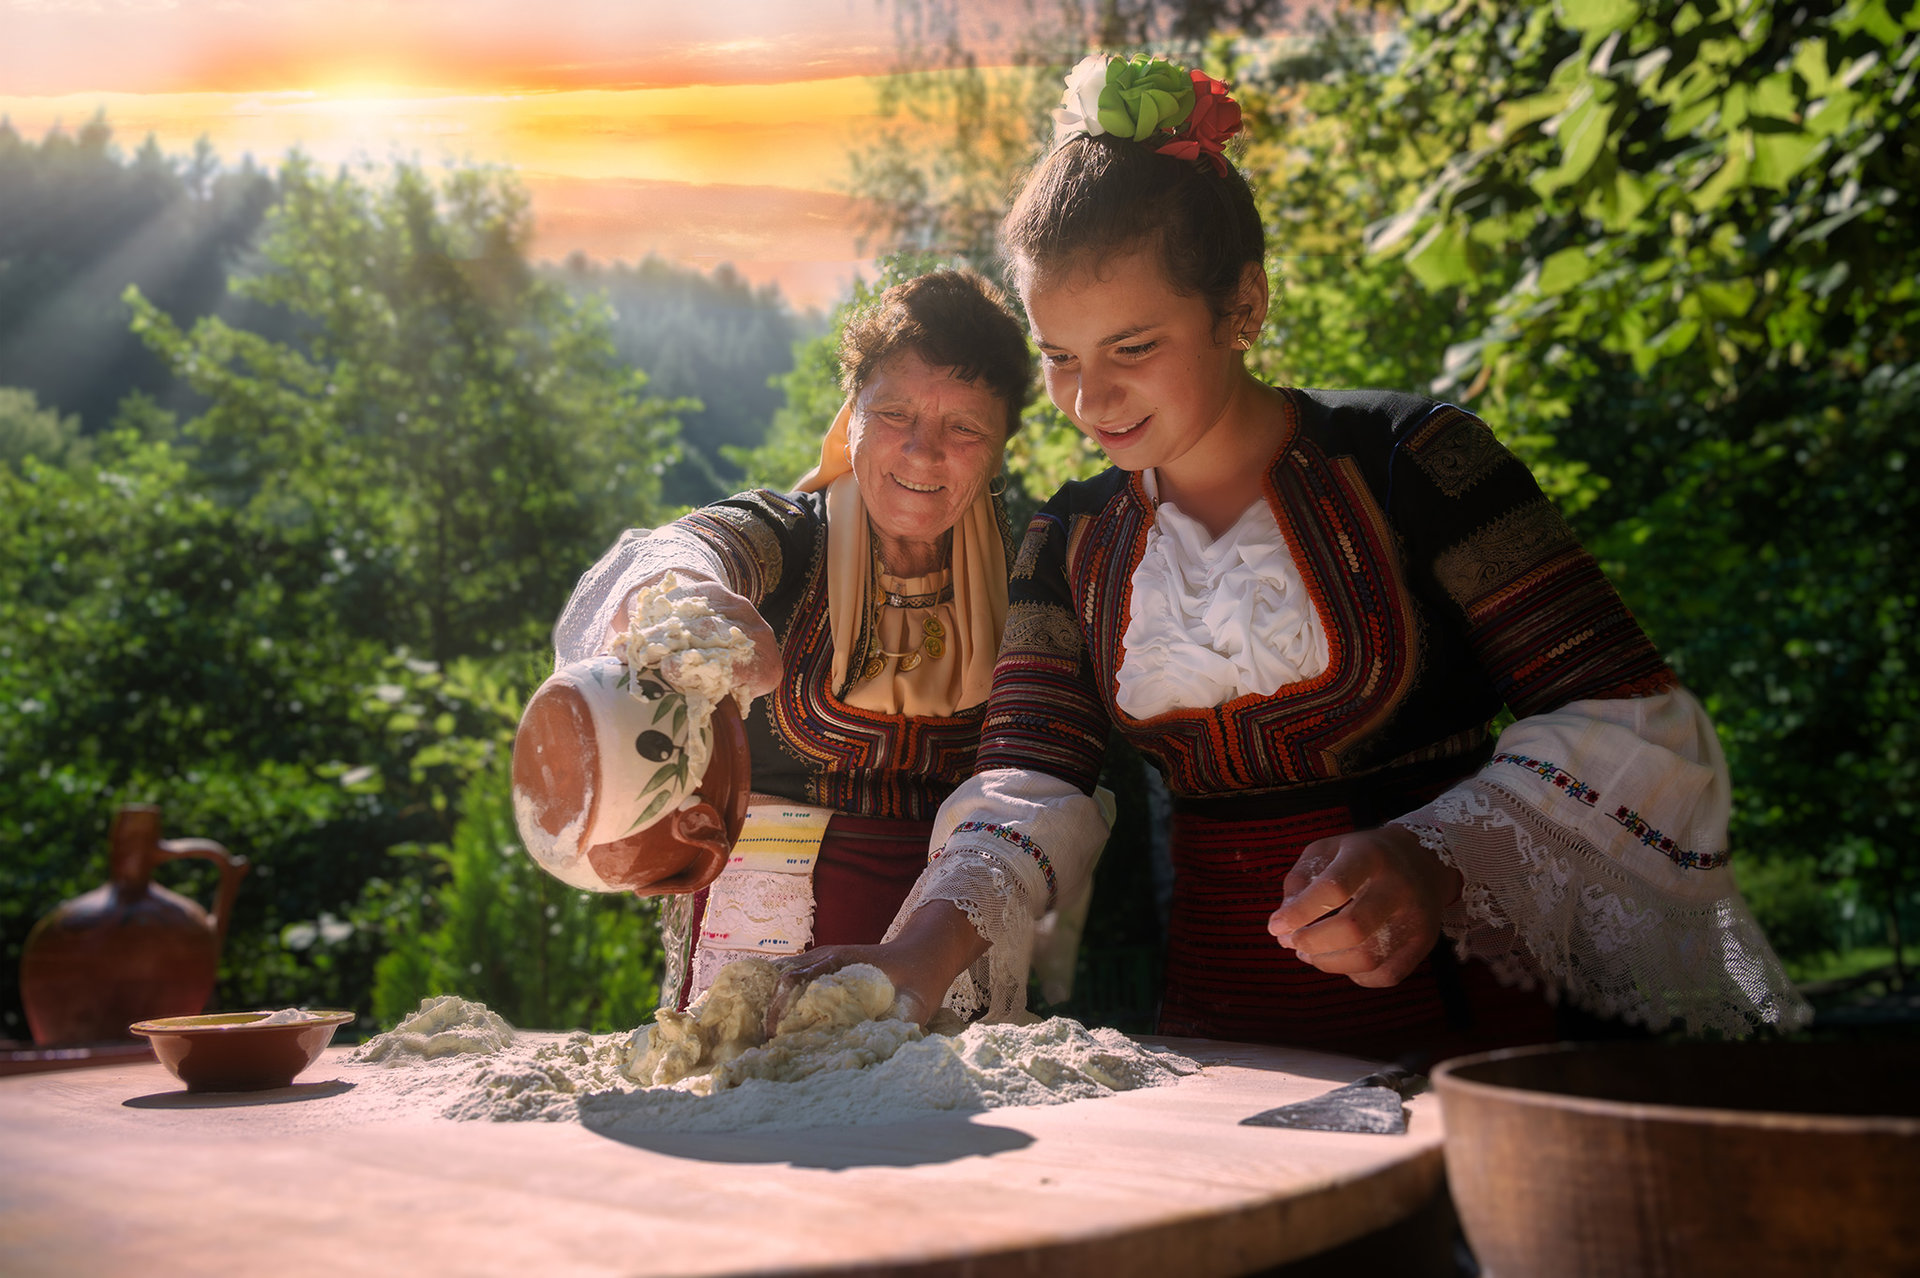 Photo in Bulgarian traditions   Author Владислав Чанев - Vlaizer   PHOTO FORUM